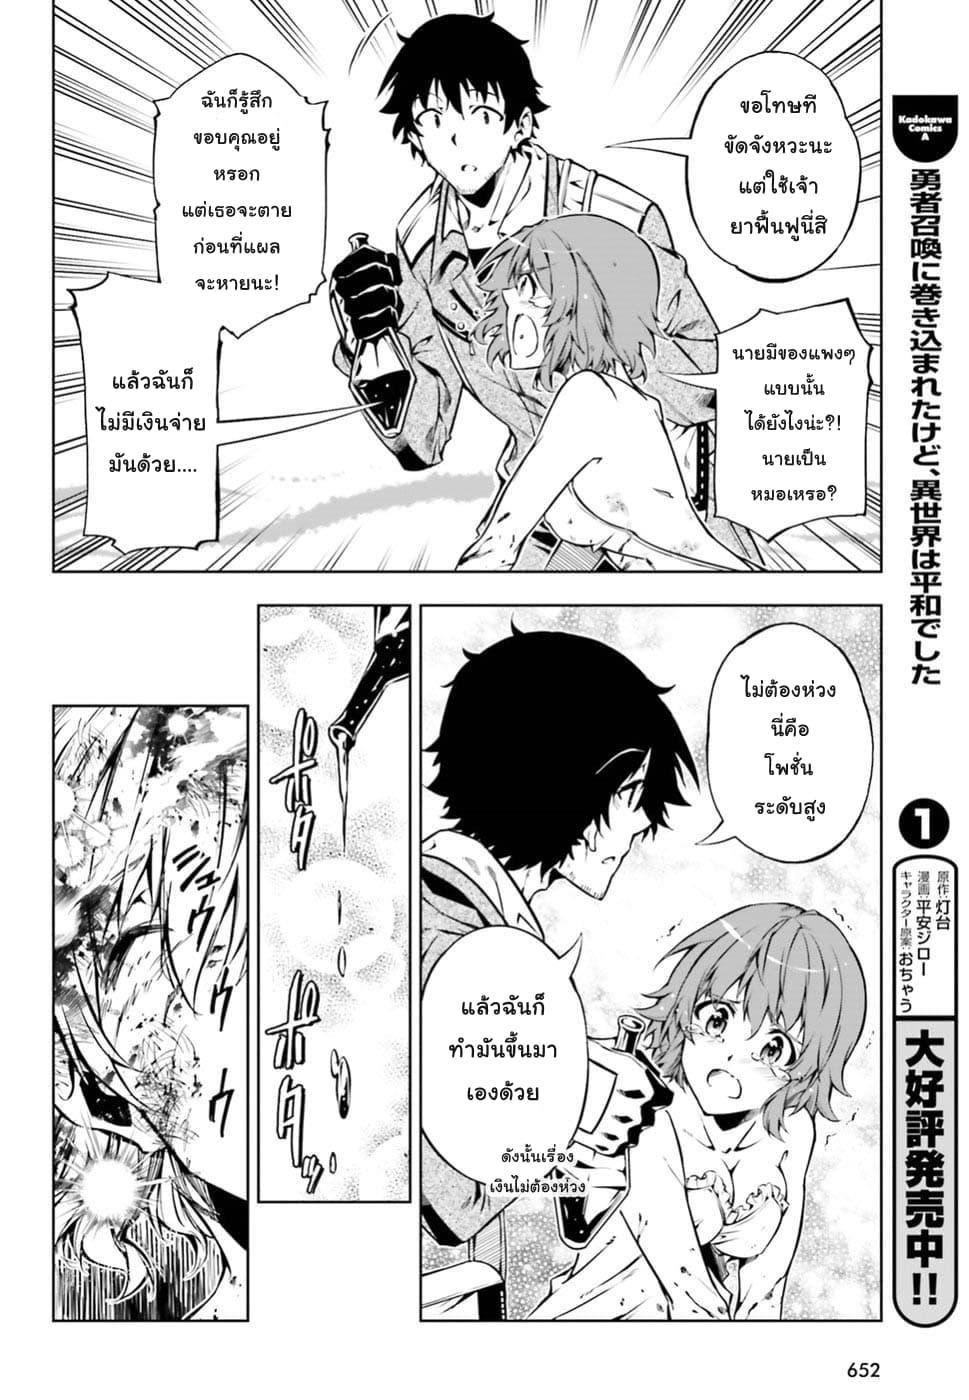 อ่านการ์ตูน Exterminator ตอนที่ 15 หน้าที่ 8